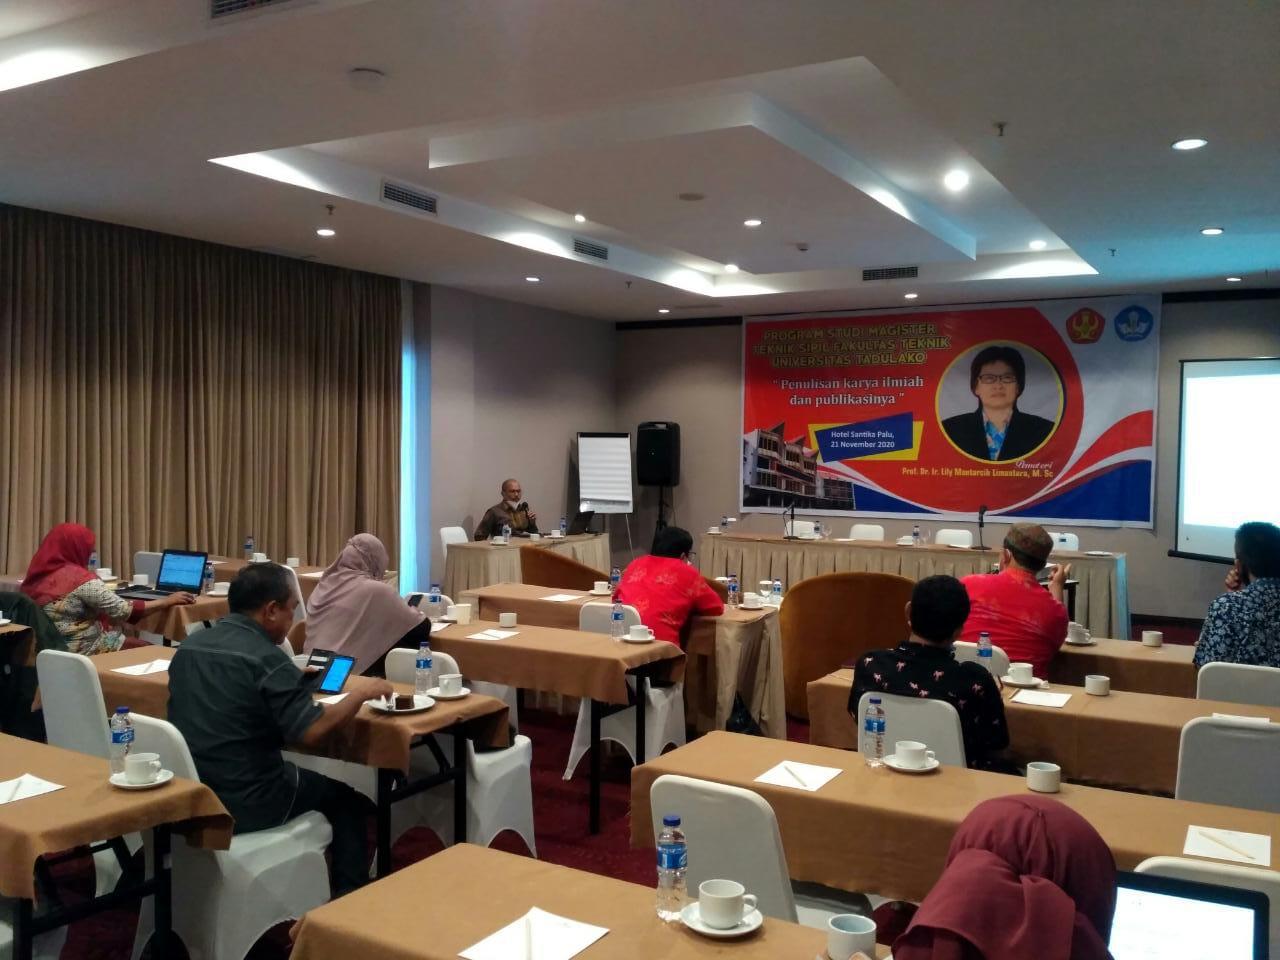 Prodi Magister Teknik Sipil Untad Gelar Workshop Terkait Penulisan Karya Ilmiah & Publikasinya